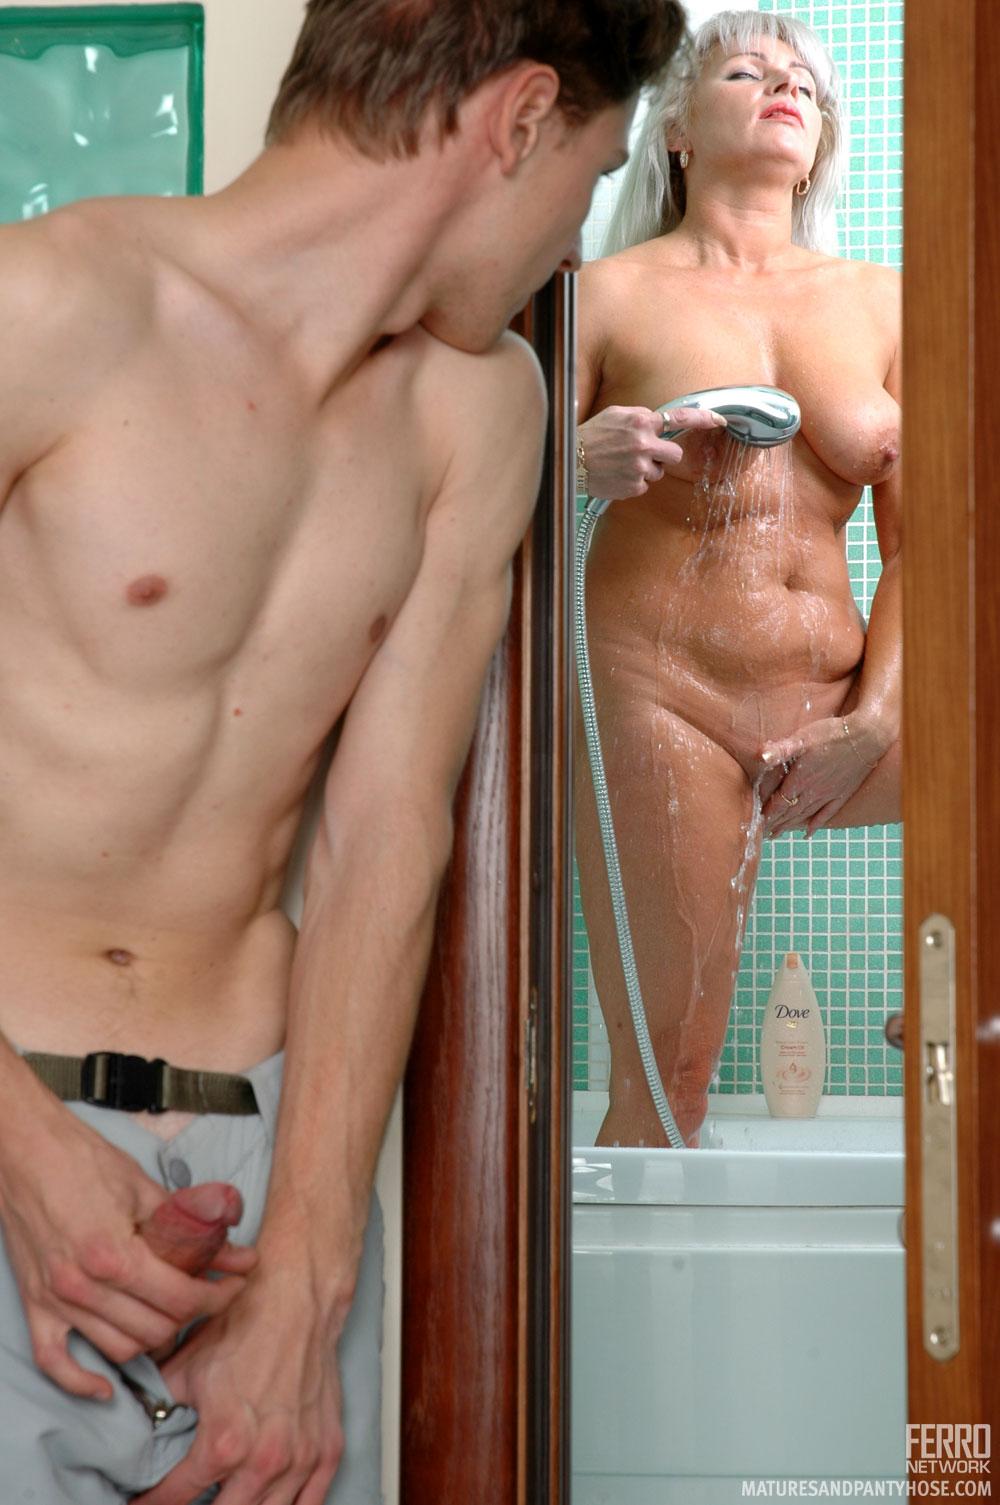 Сын подглядывает за своей волосатой матерью фото 187-5